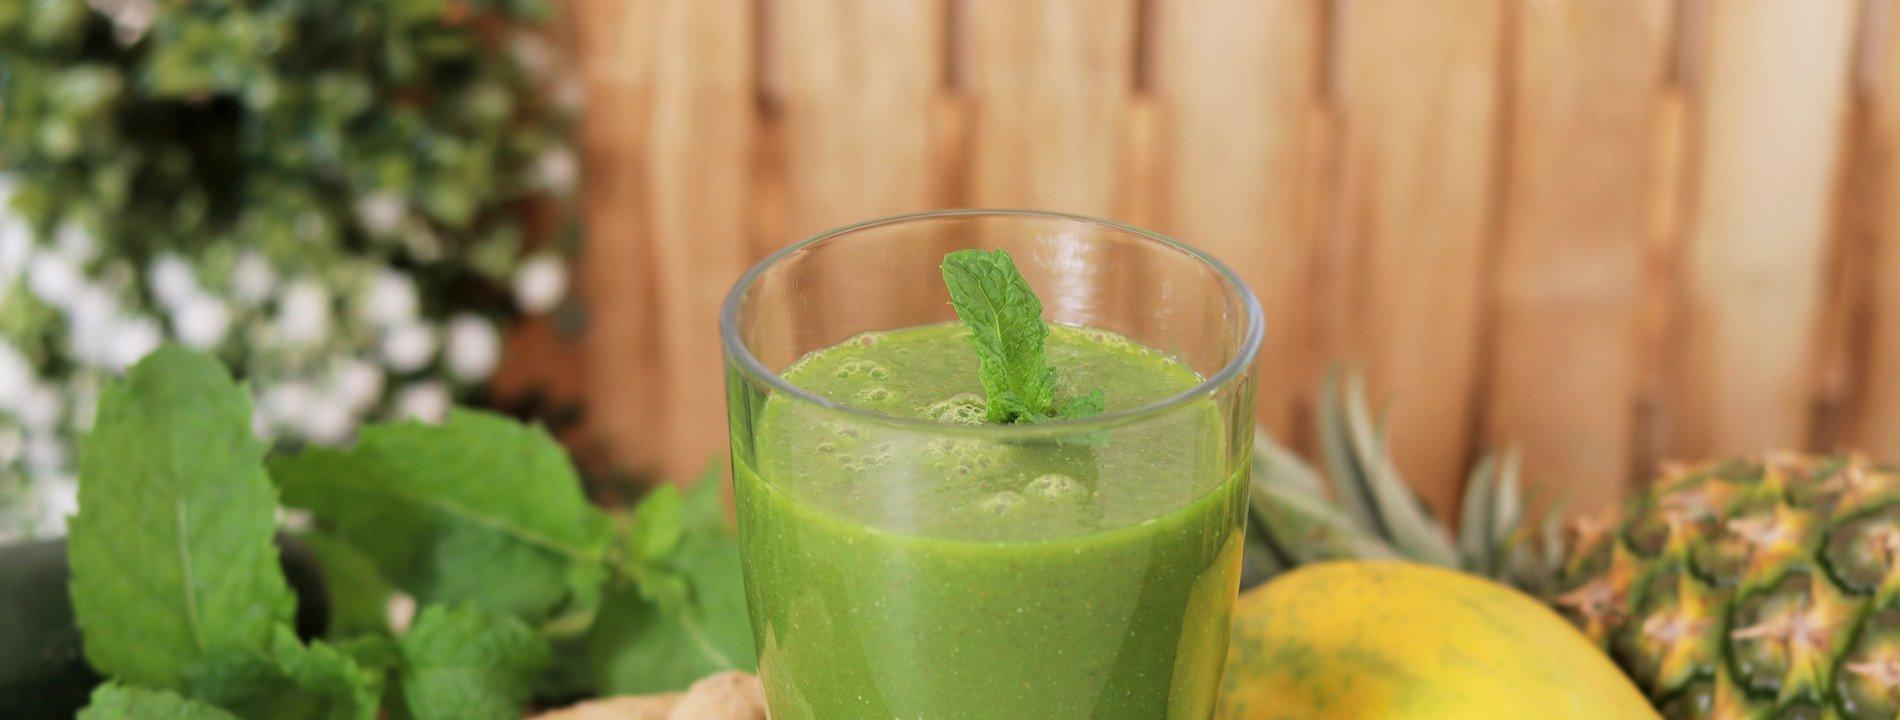 Green Functional Juice